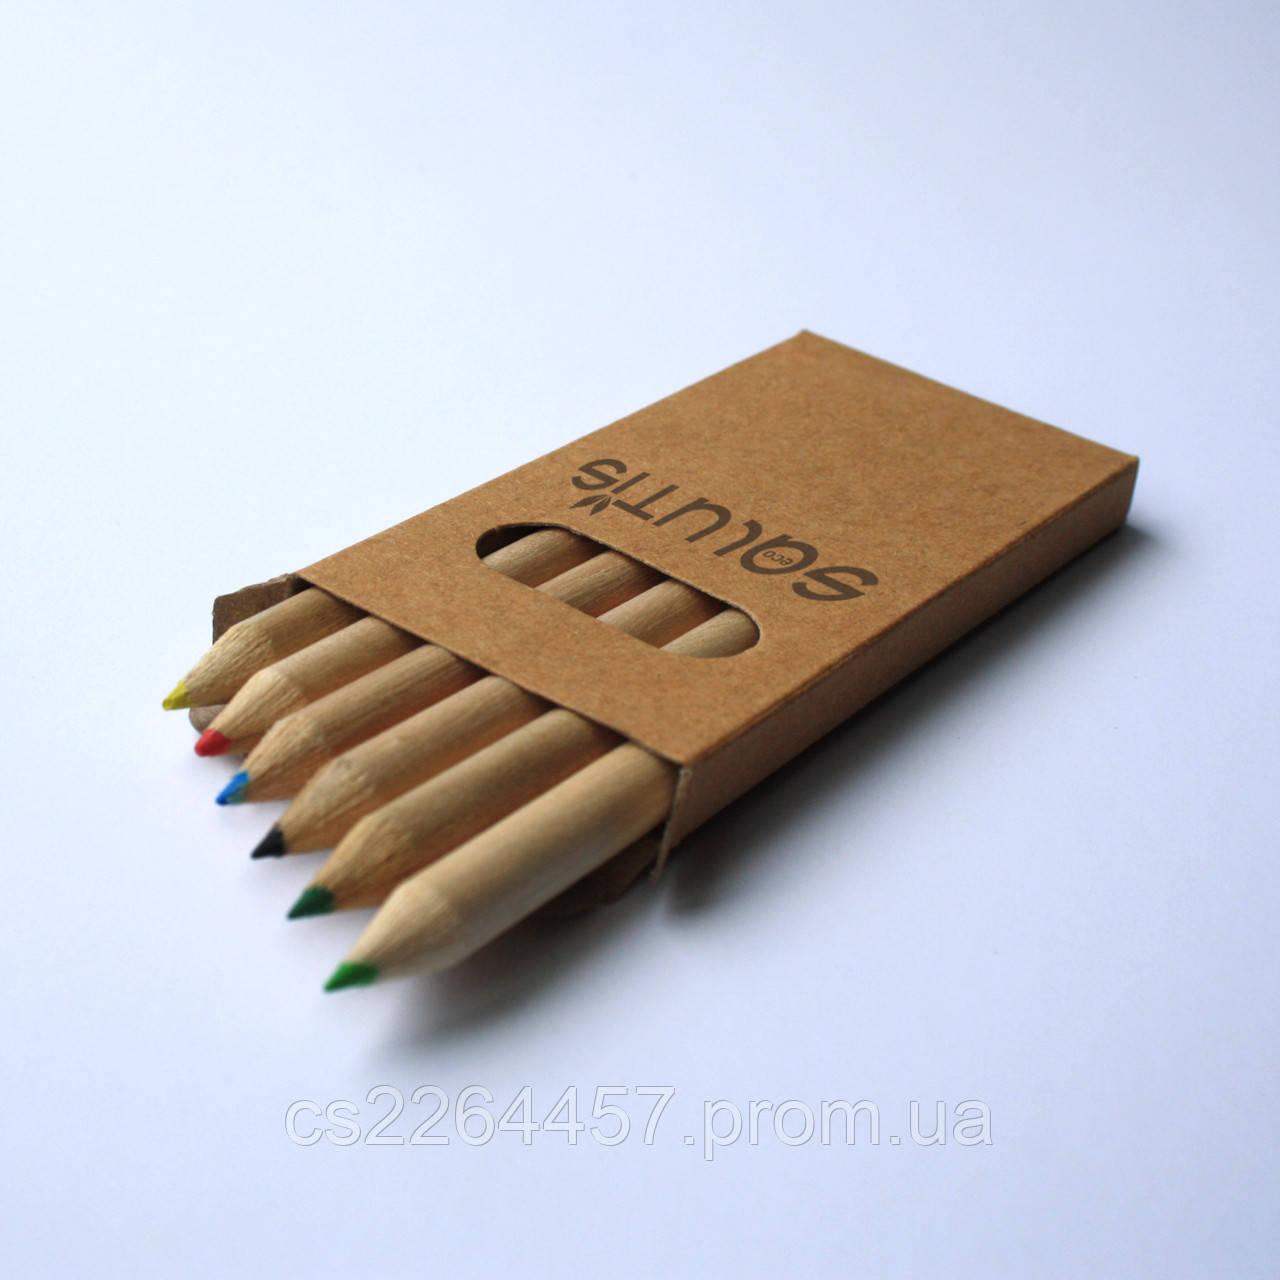 Набор цветных карандашей из 6 цветов.